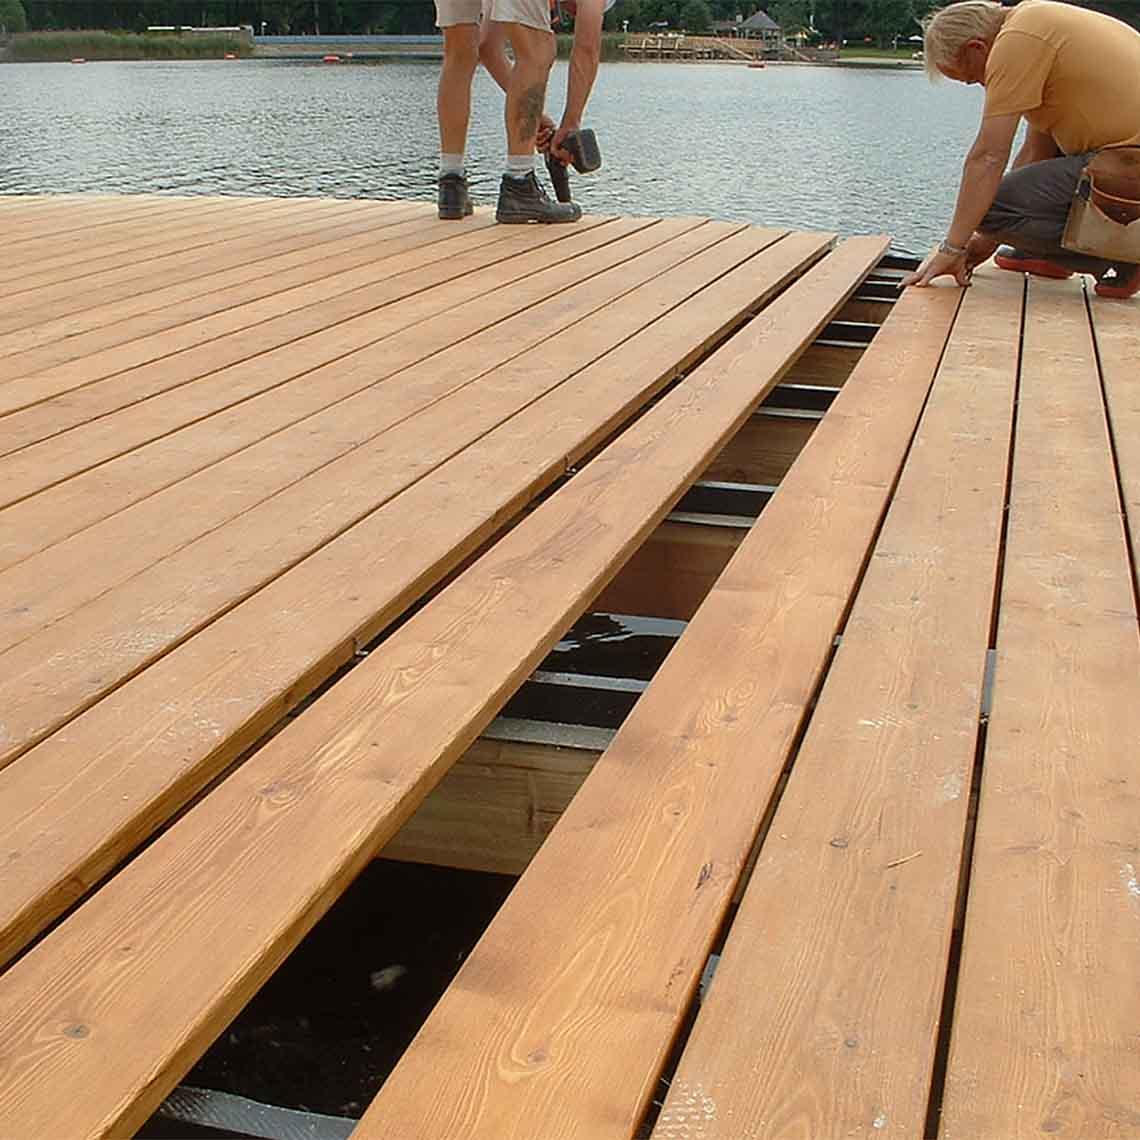 Z-deck decking fasteners installation